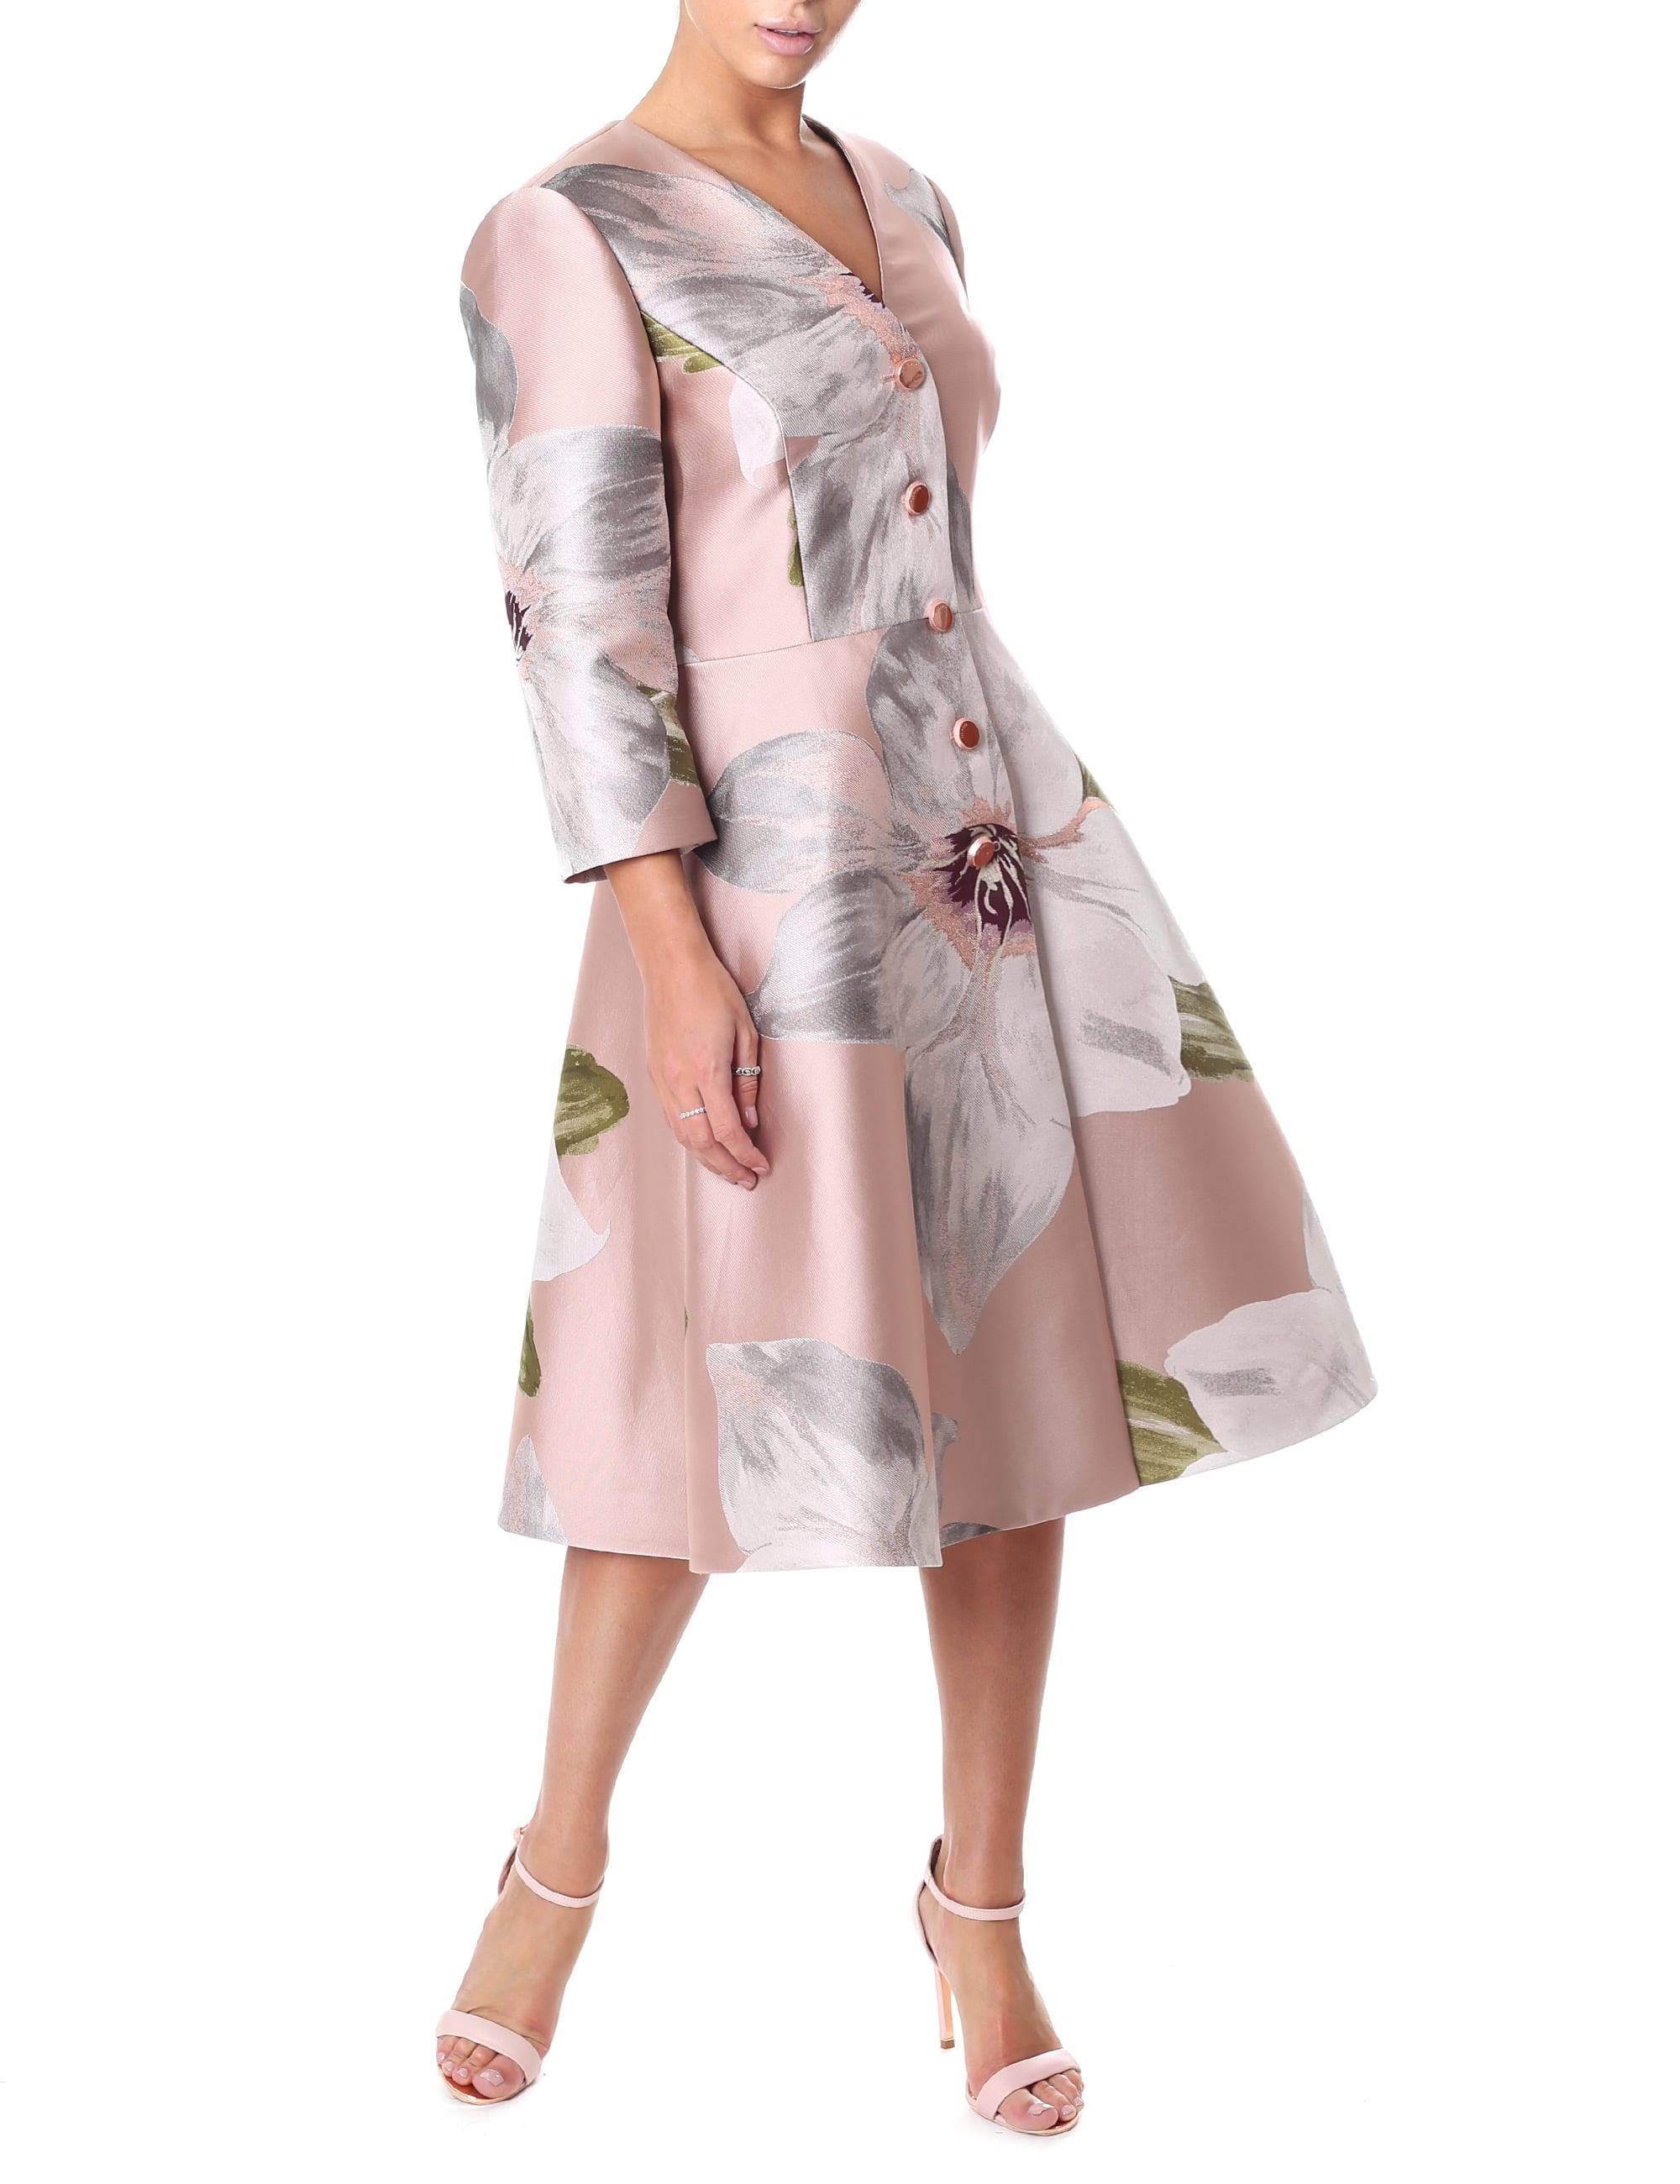 d3c8dfcd6 Ted Baker Women s Ottie Chatsworth Dress Coat Dusky Pink in Pink - Lyst